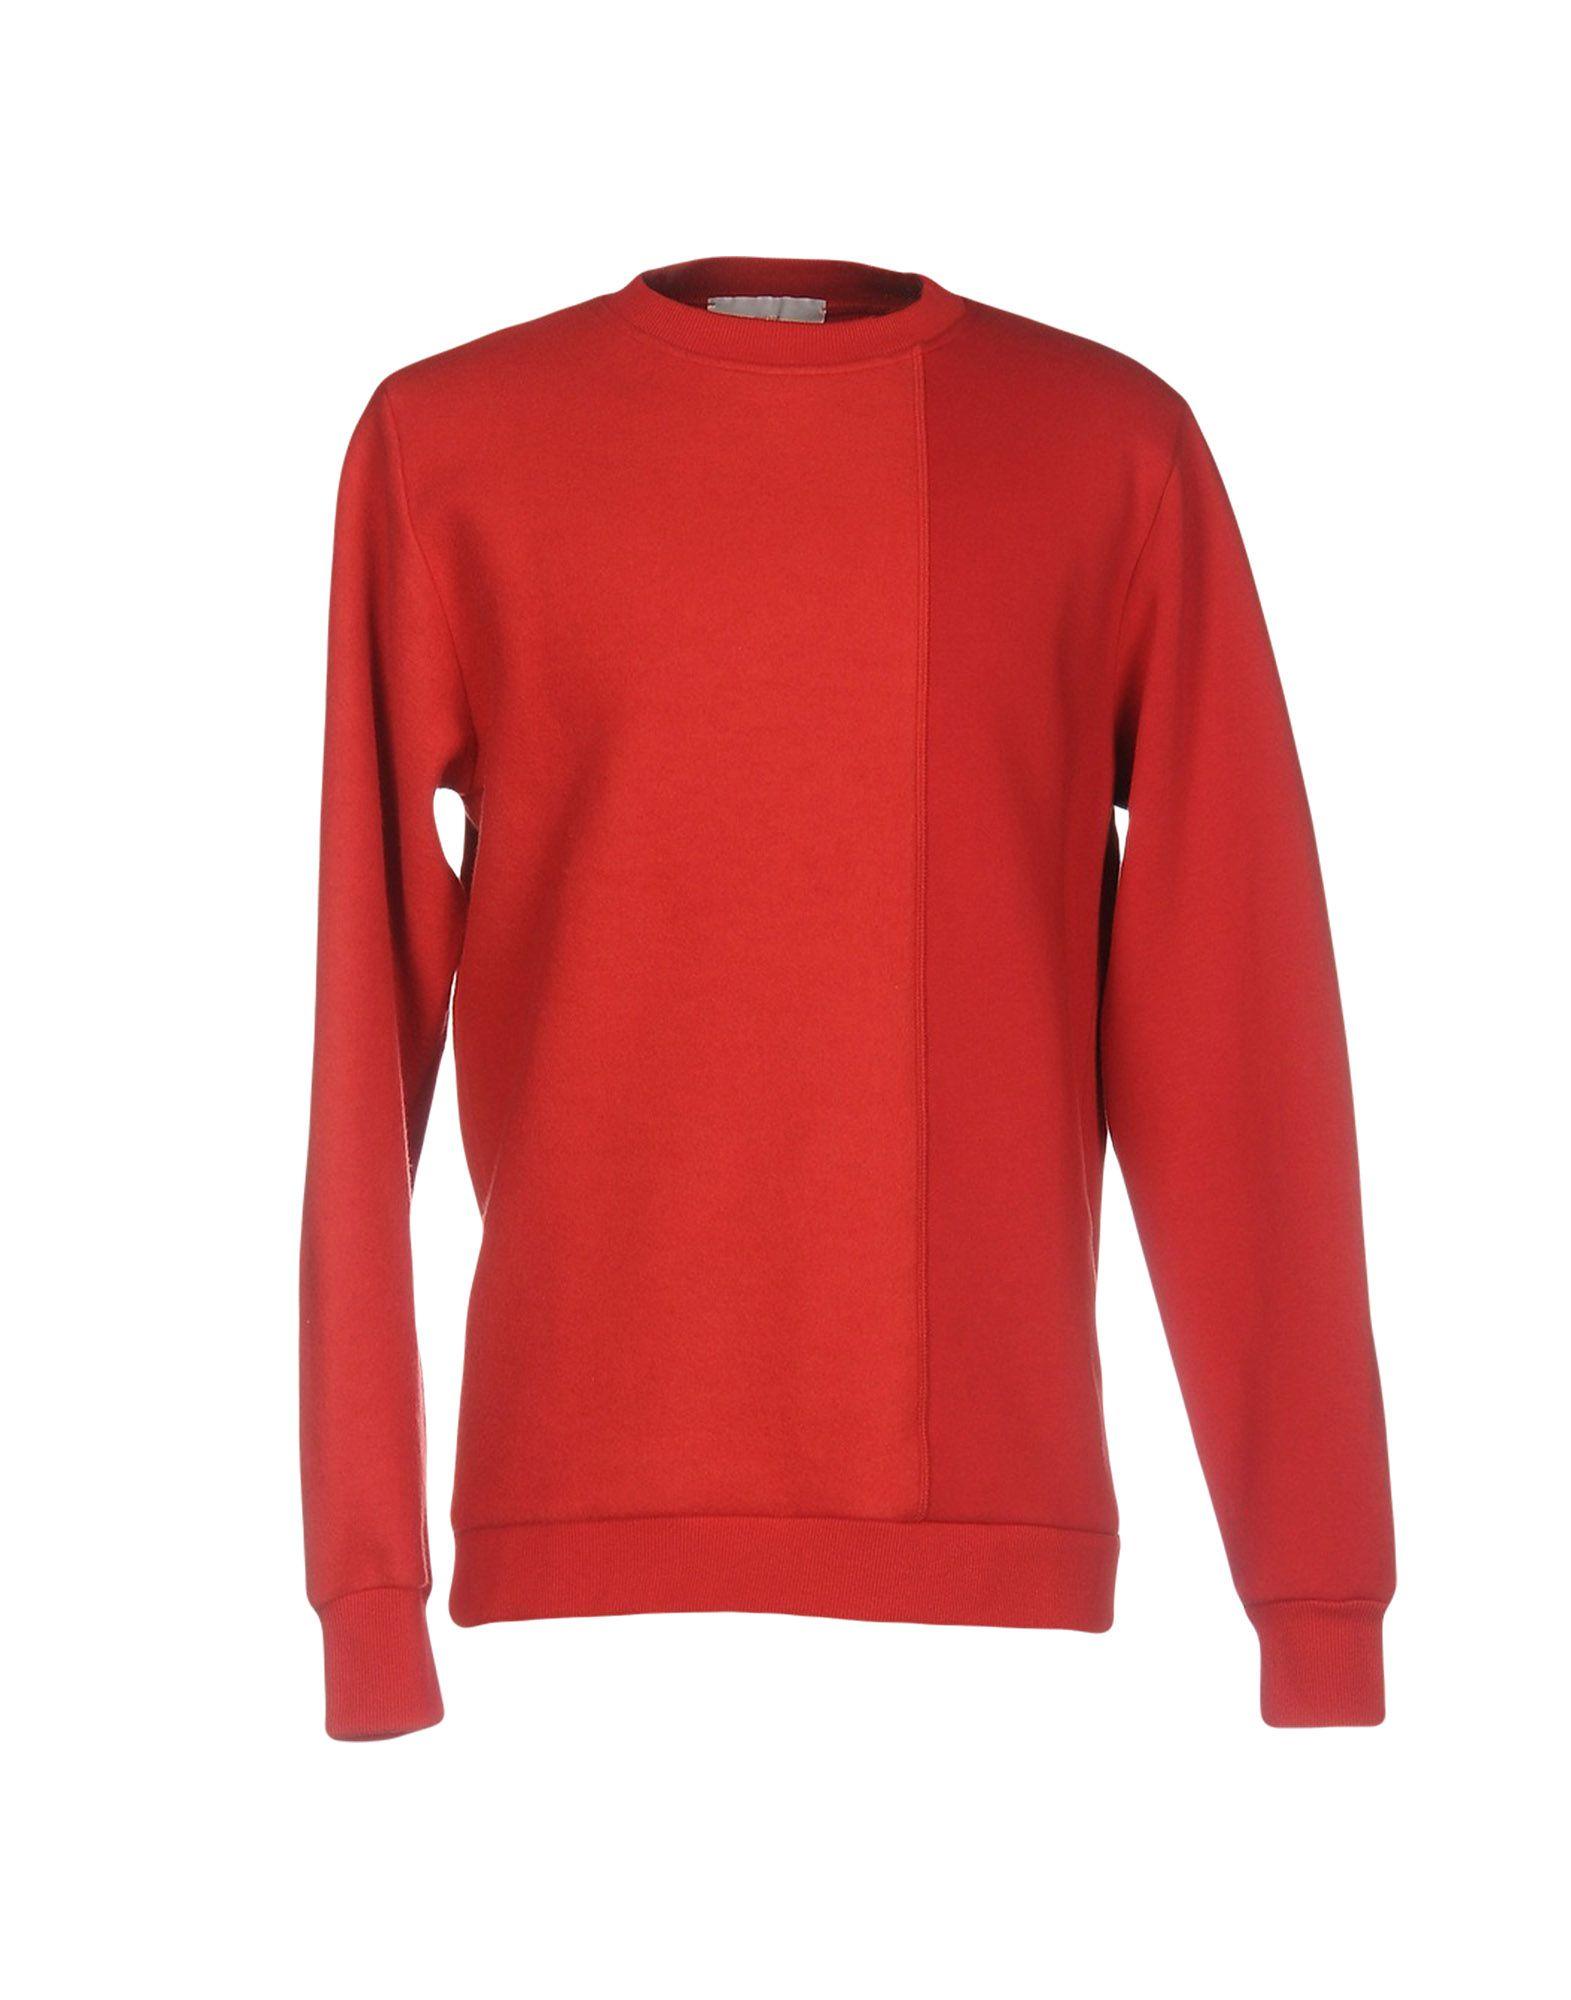 《送料無料》MIRROR メンズ スウェットシャツ レッド L コットン 100%